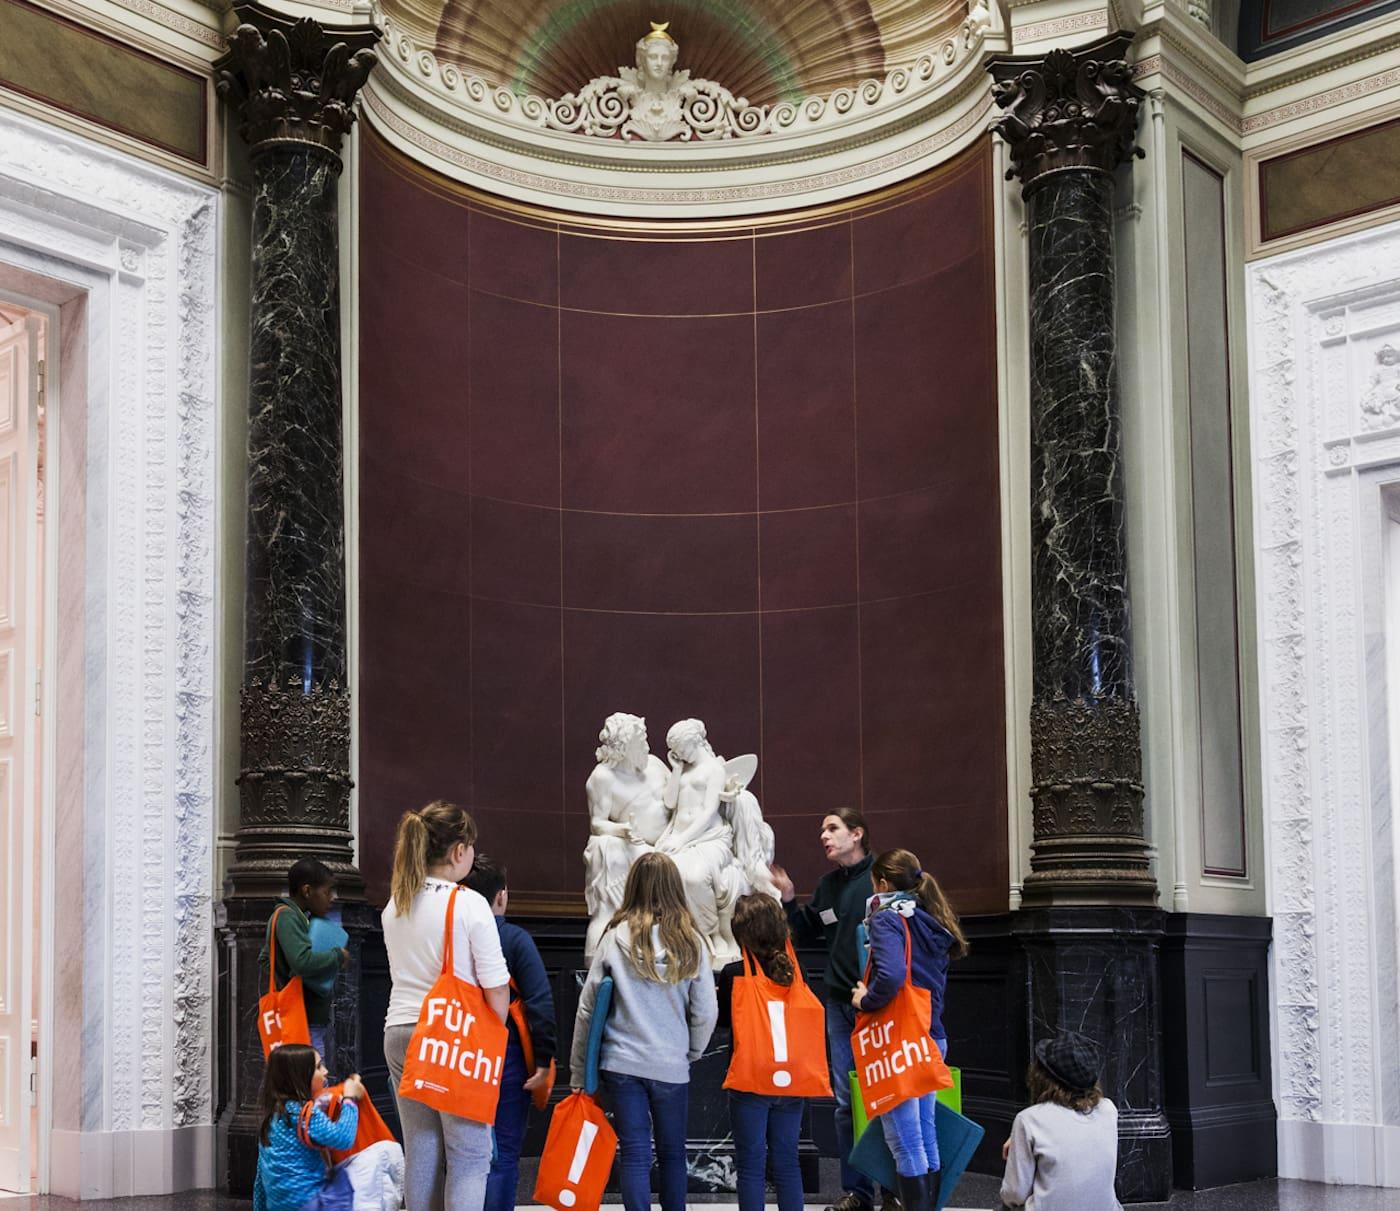 Ferienprogramm in den Staatliche Museen zu Berlin für Familien mit Kindern in Berlin // HIMBEER